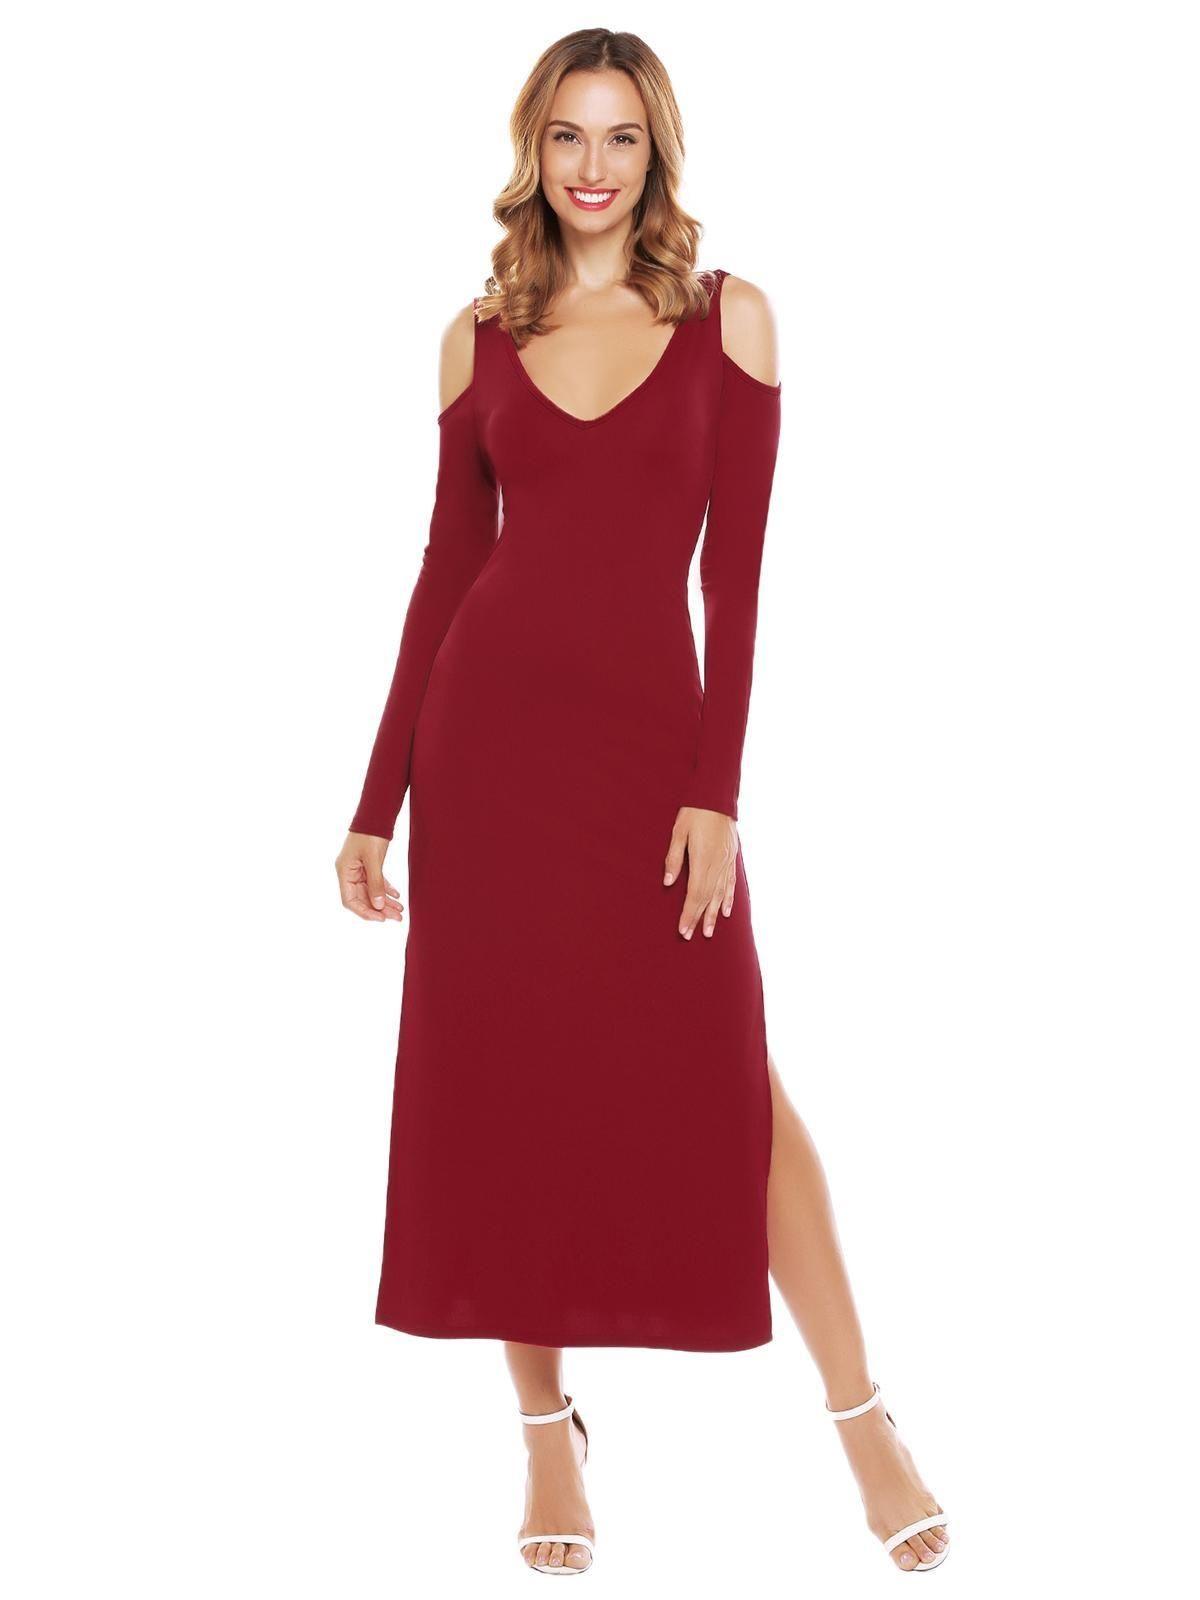 c97add85d4 Sunshine Women Cold Shoulder V-Neck Long Sleeve V Back Sides Split Solid  Party Maxi Dress-Wine Red